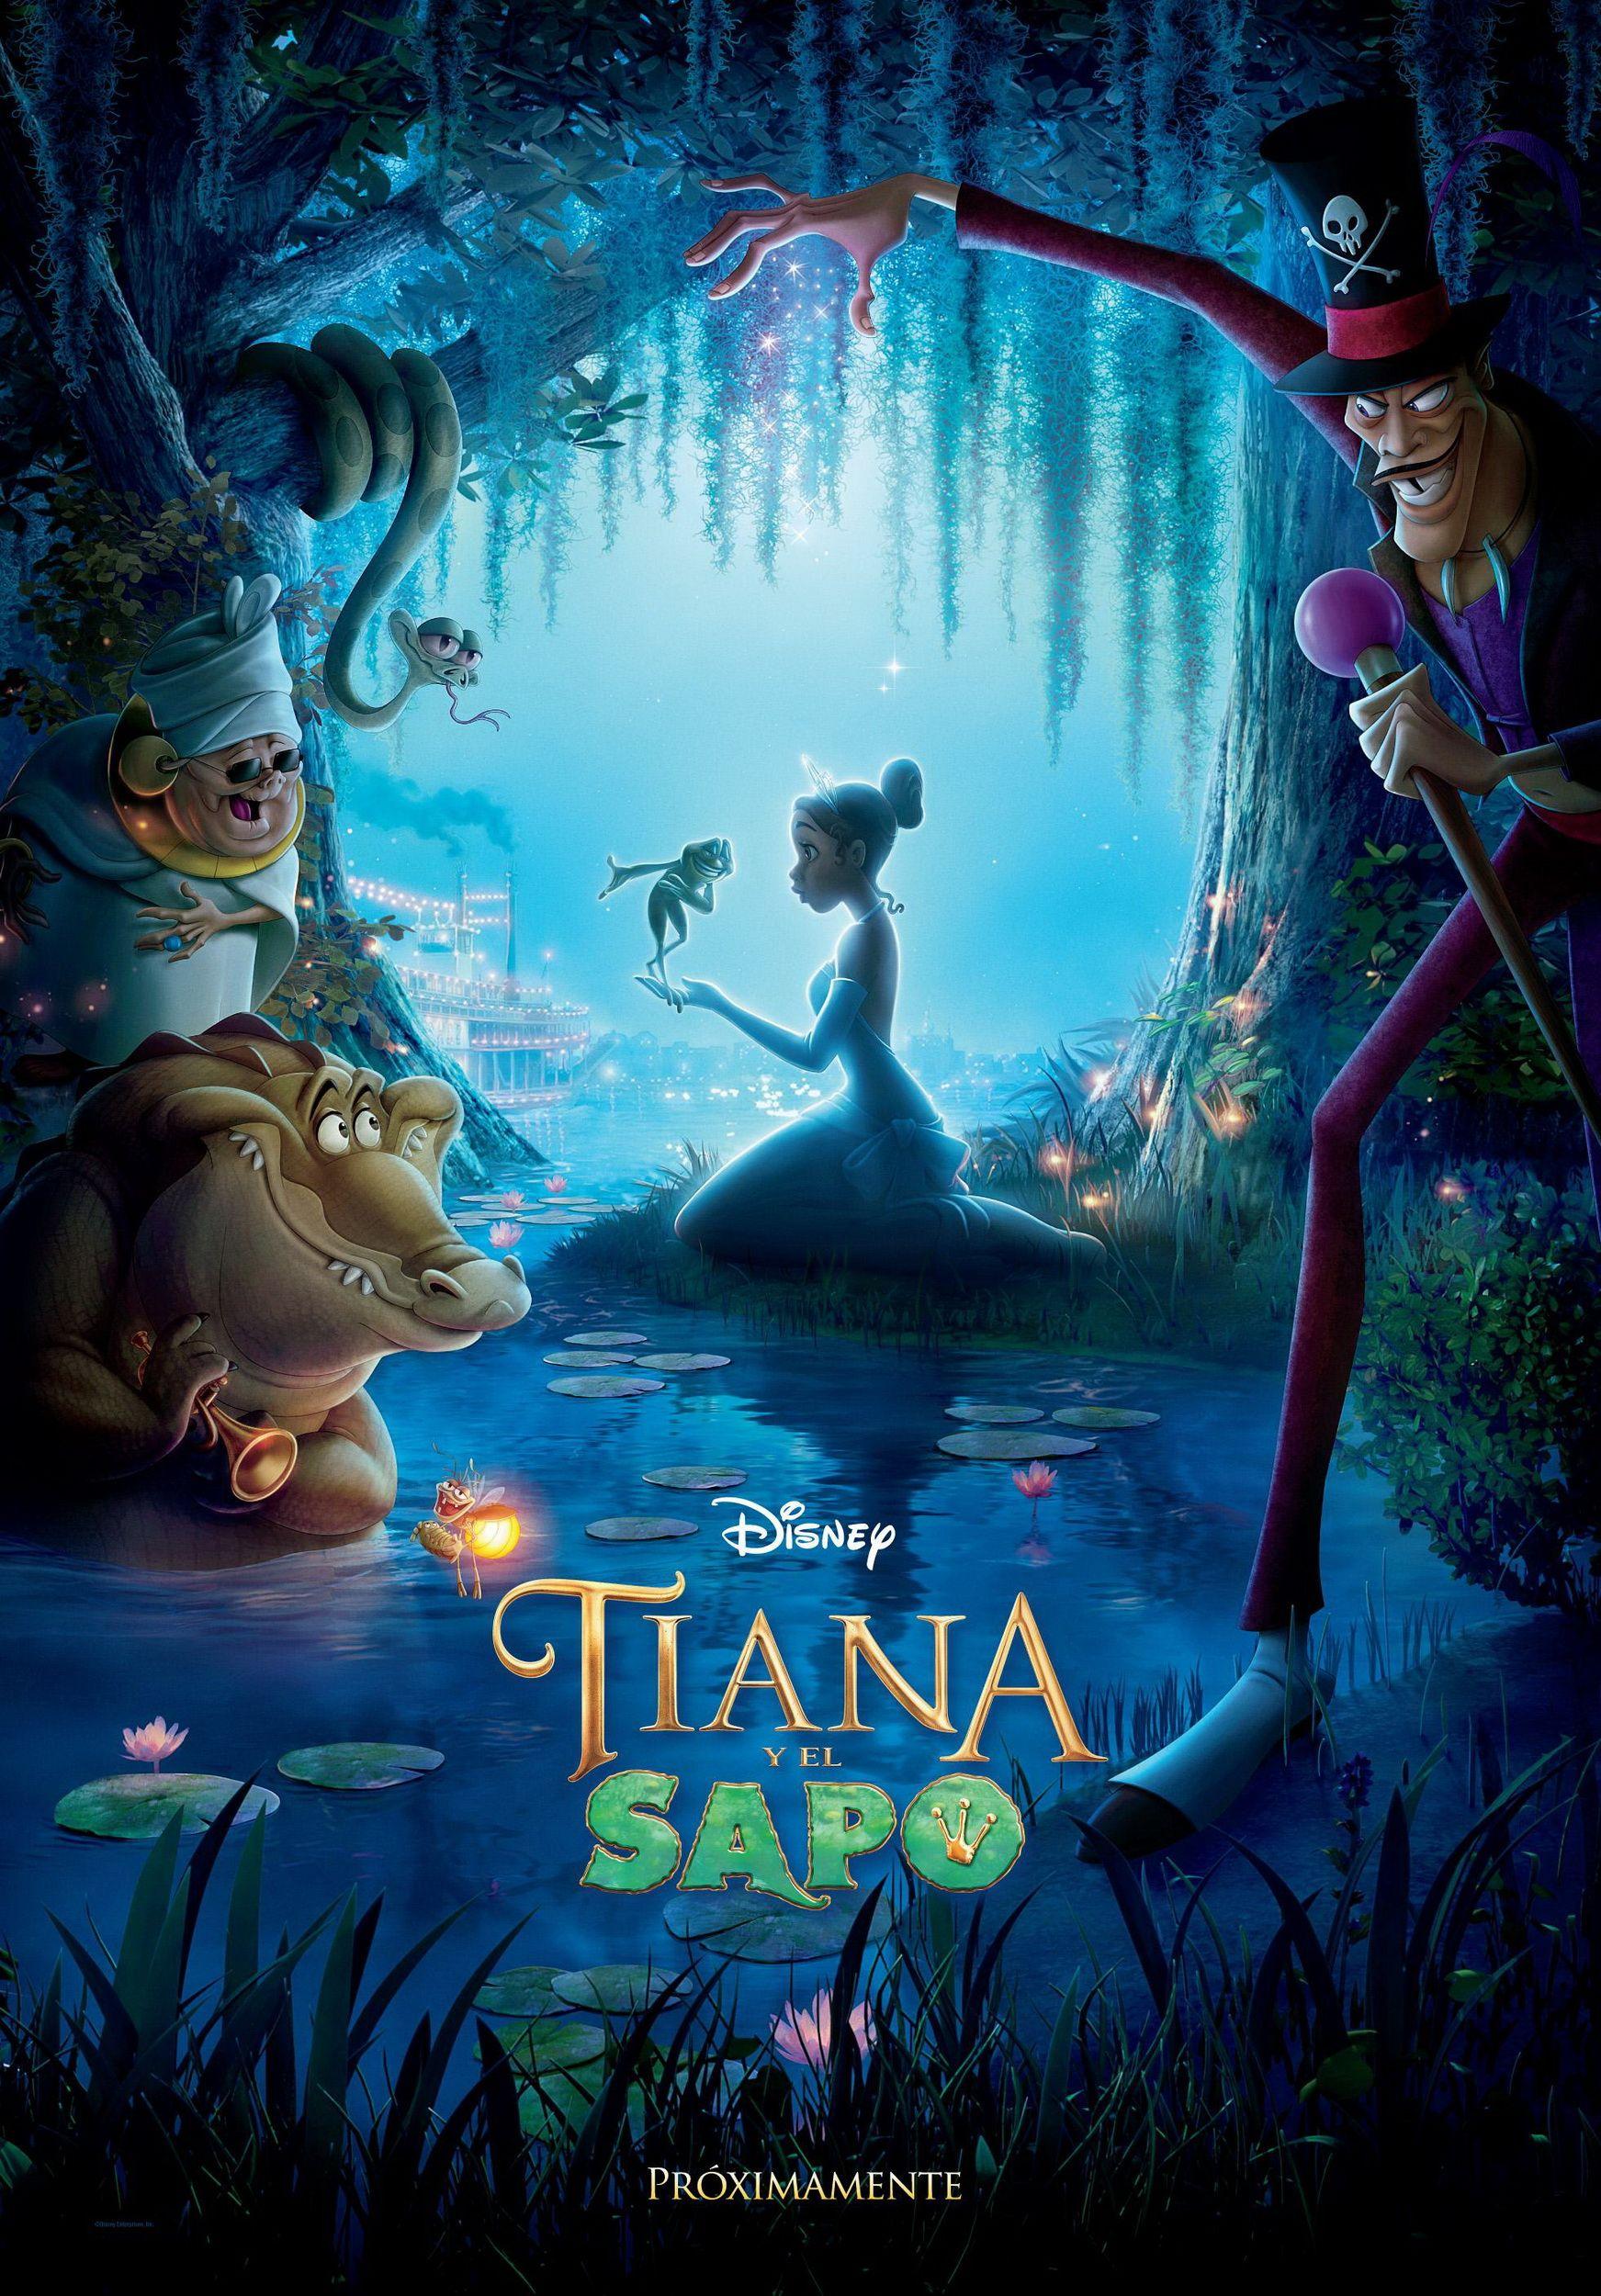 100 Ideas De Peliculas Y Series Disney 3 En 2021 Peliculas Películas Viejas De Disney Peliculas De Disney